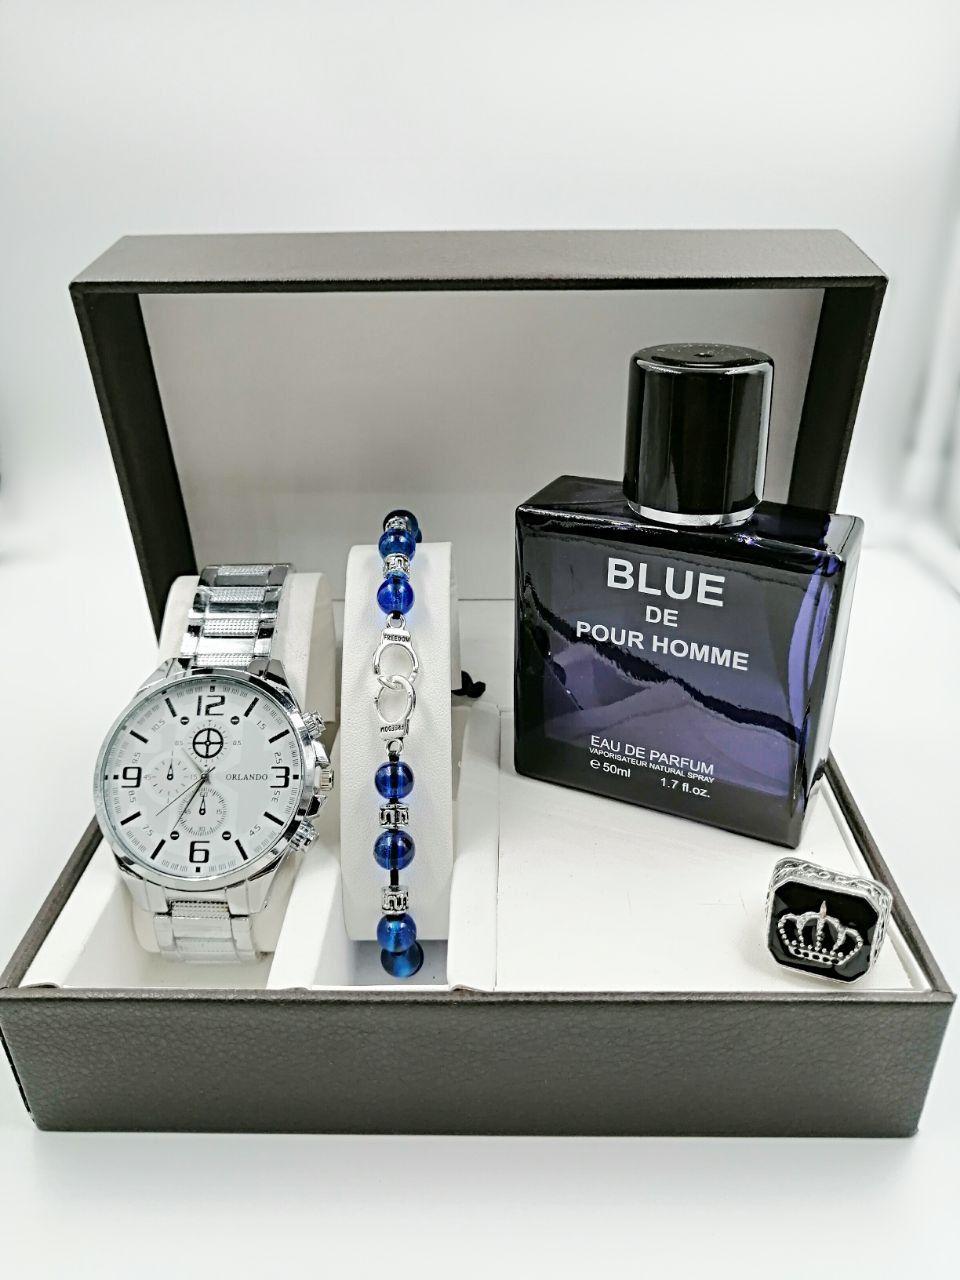 باك الرجل الأنيق مع ساعة اورلاندو الفضية